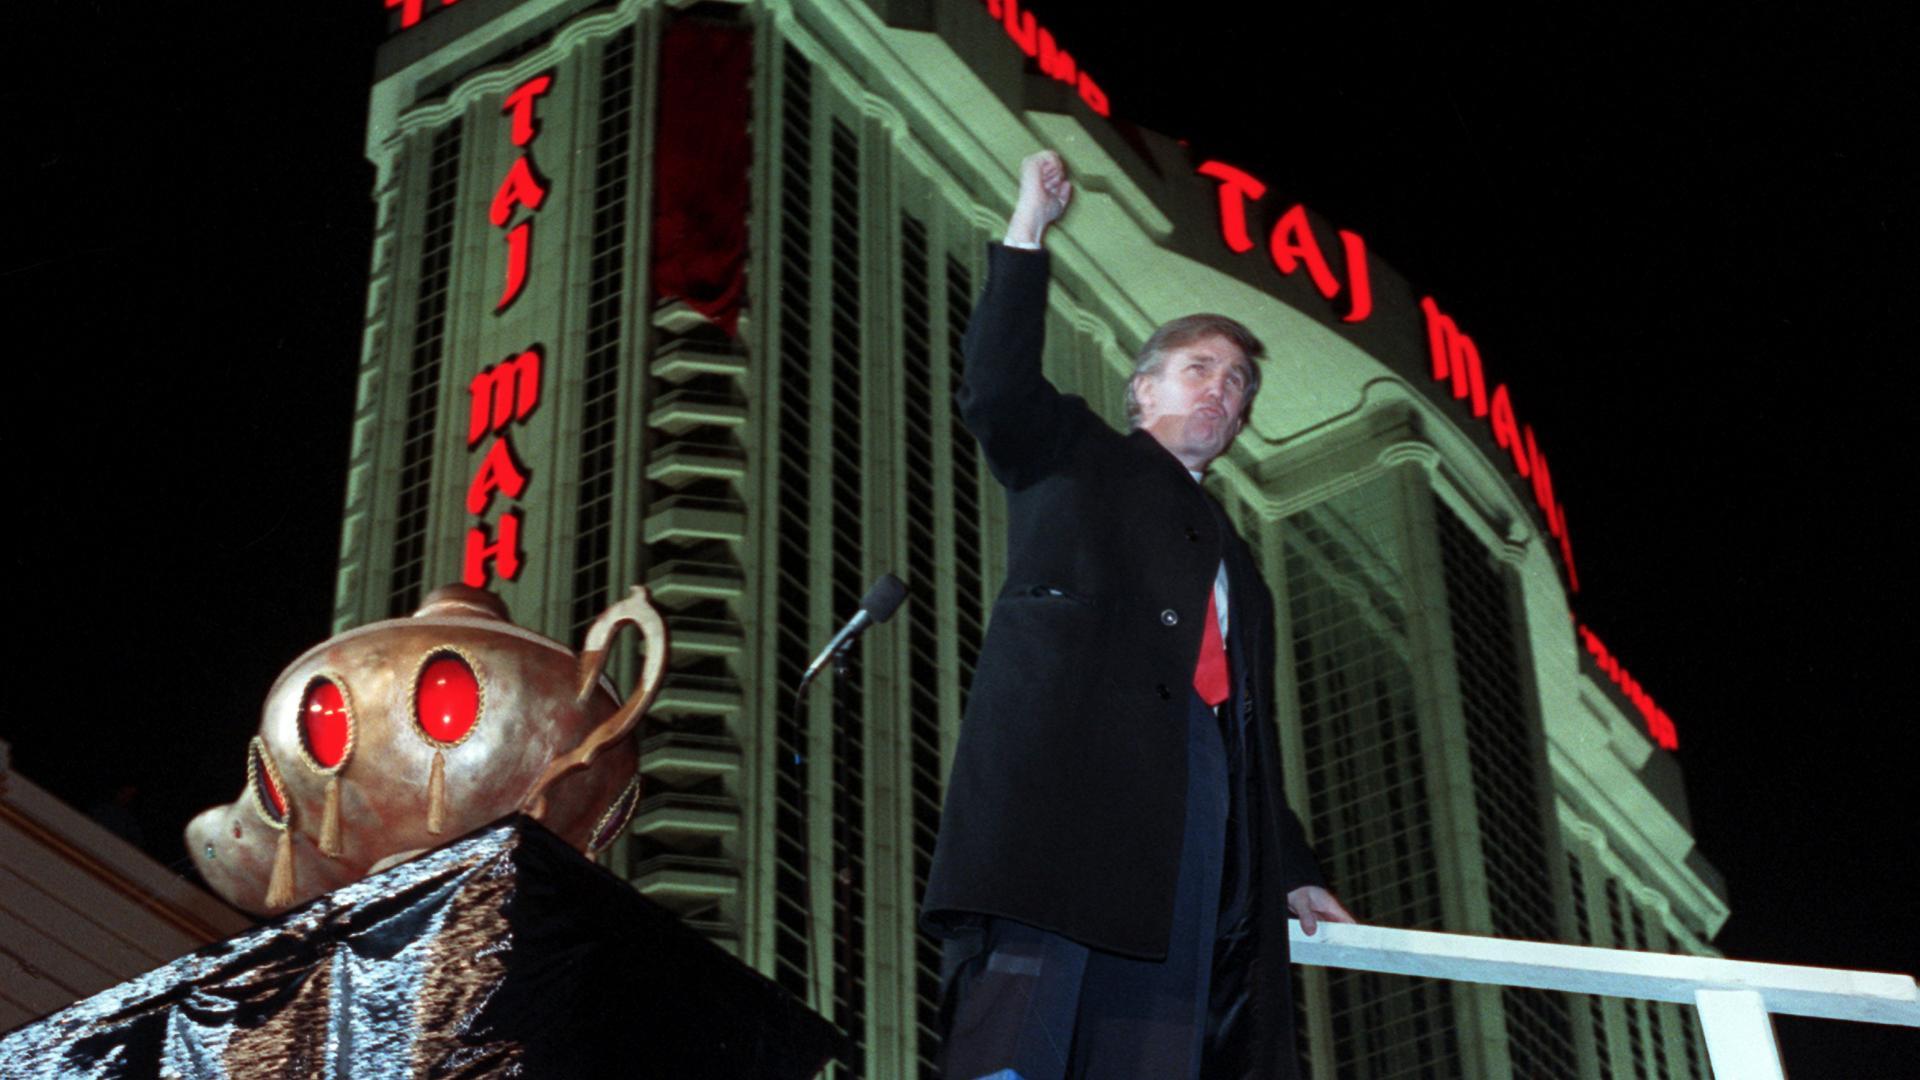 Taj mahal casino gunman bonus casino in no purchase sign